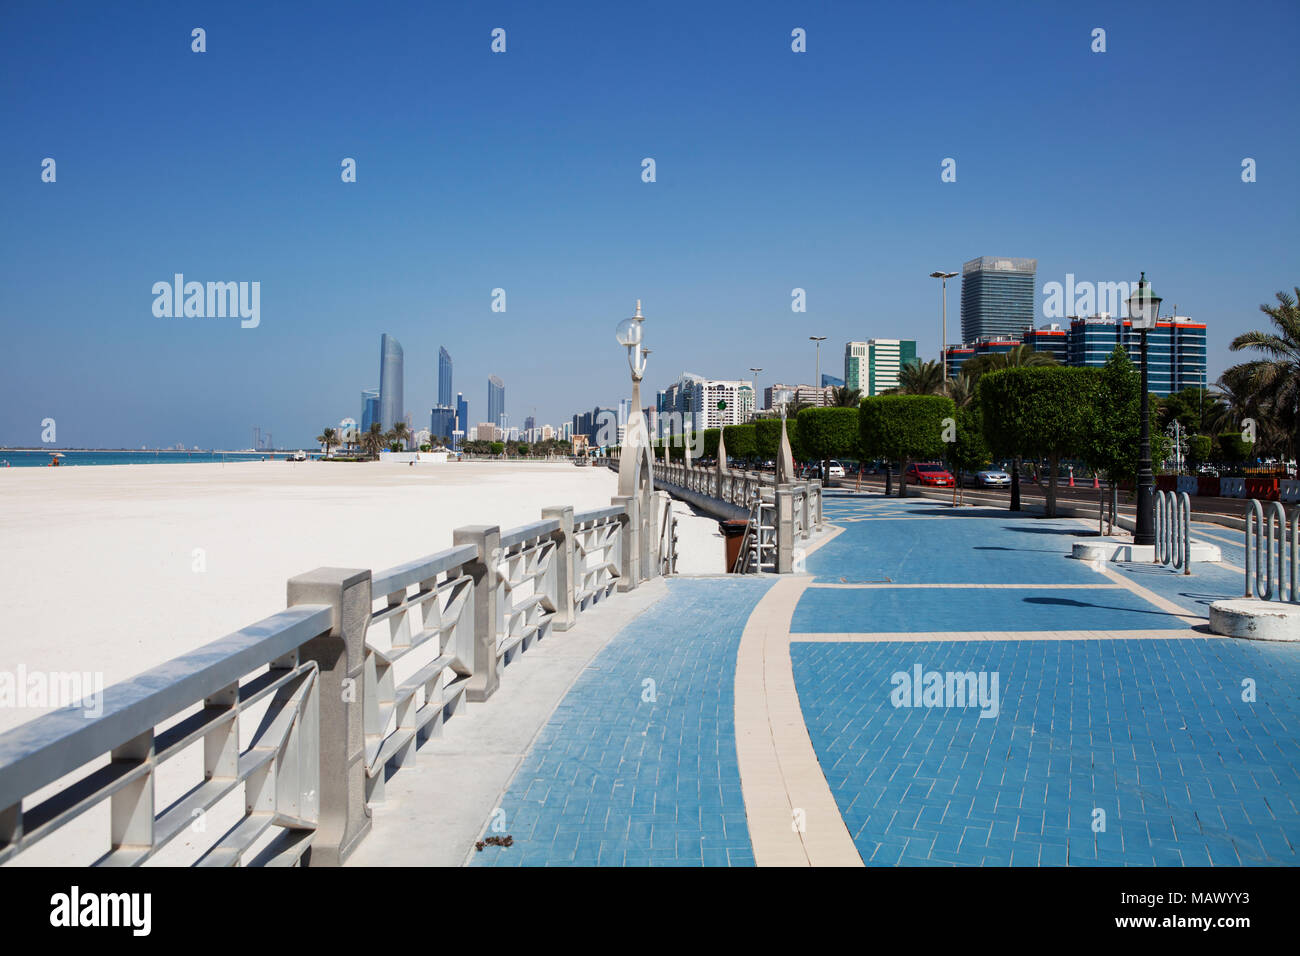 Assunto: Praia com prédios ao fundo em Abu Dhabi Local: Abu Dhabi, Emirados Árabes Data: 10/10/13 Autor: Eduardo Zappia Stock Photo